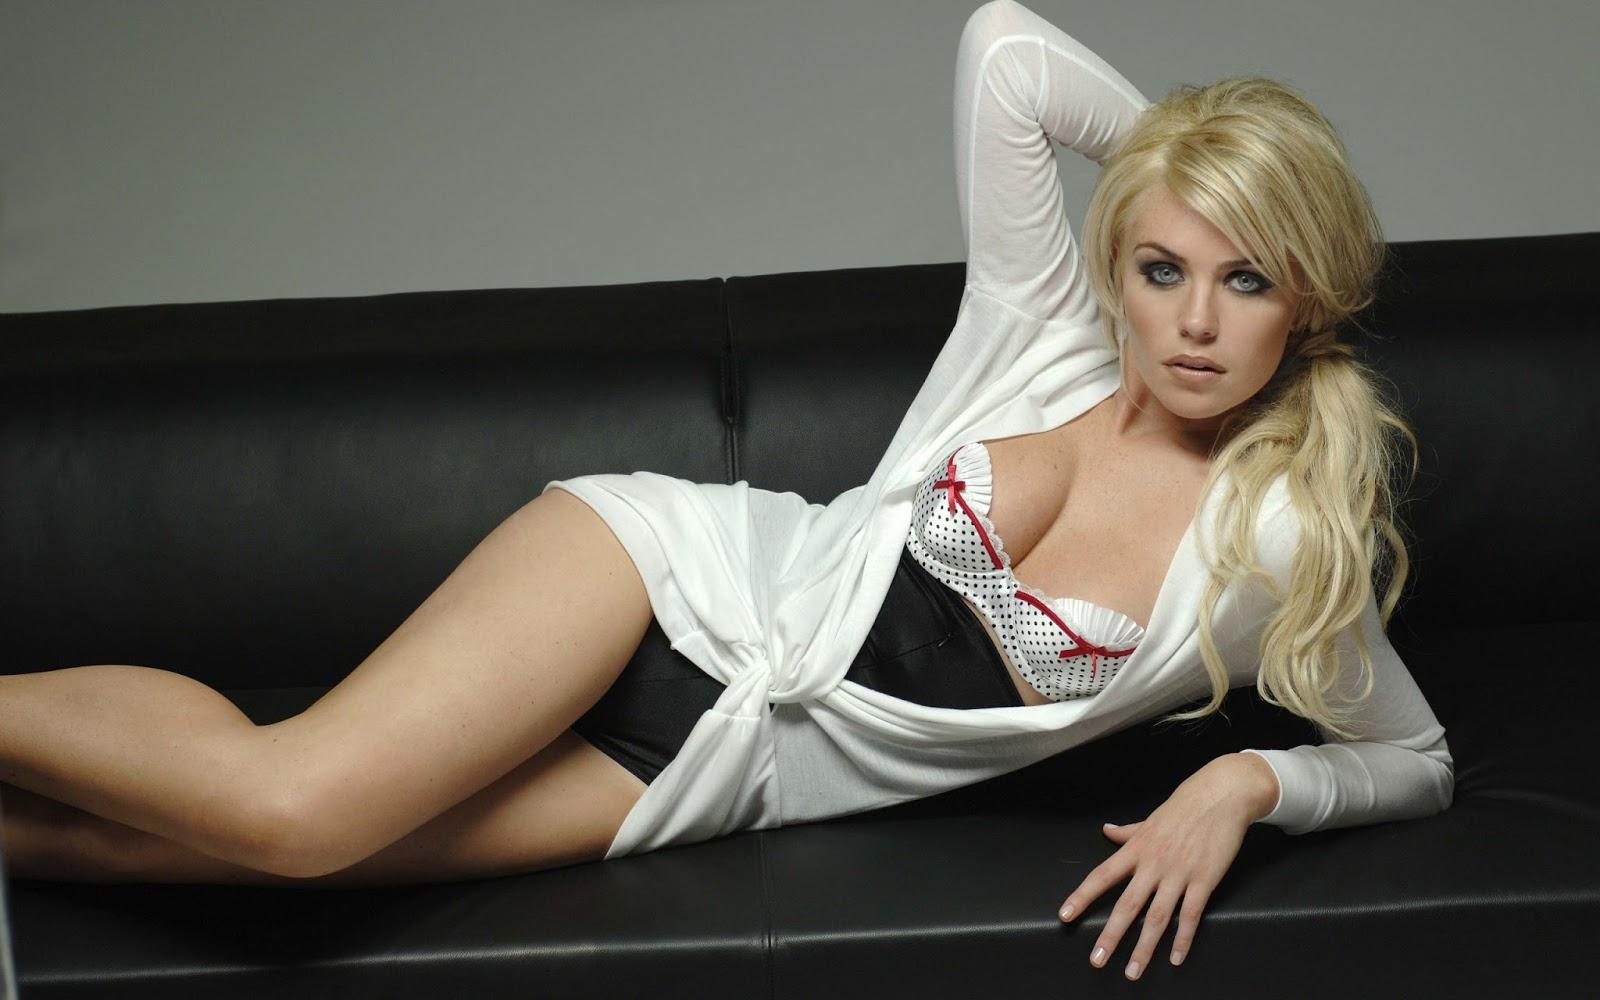 Фото голых девушек из воткинска 22 фотография